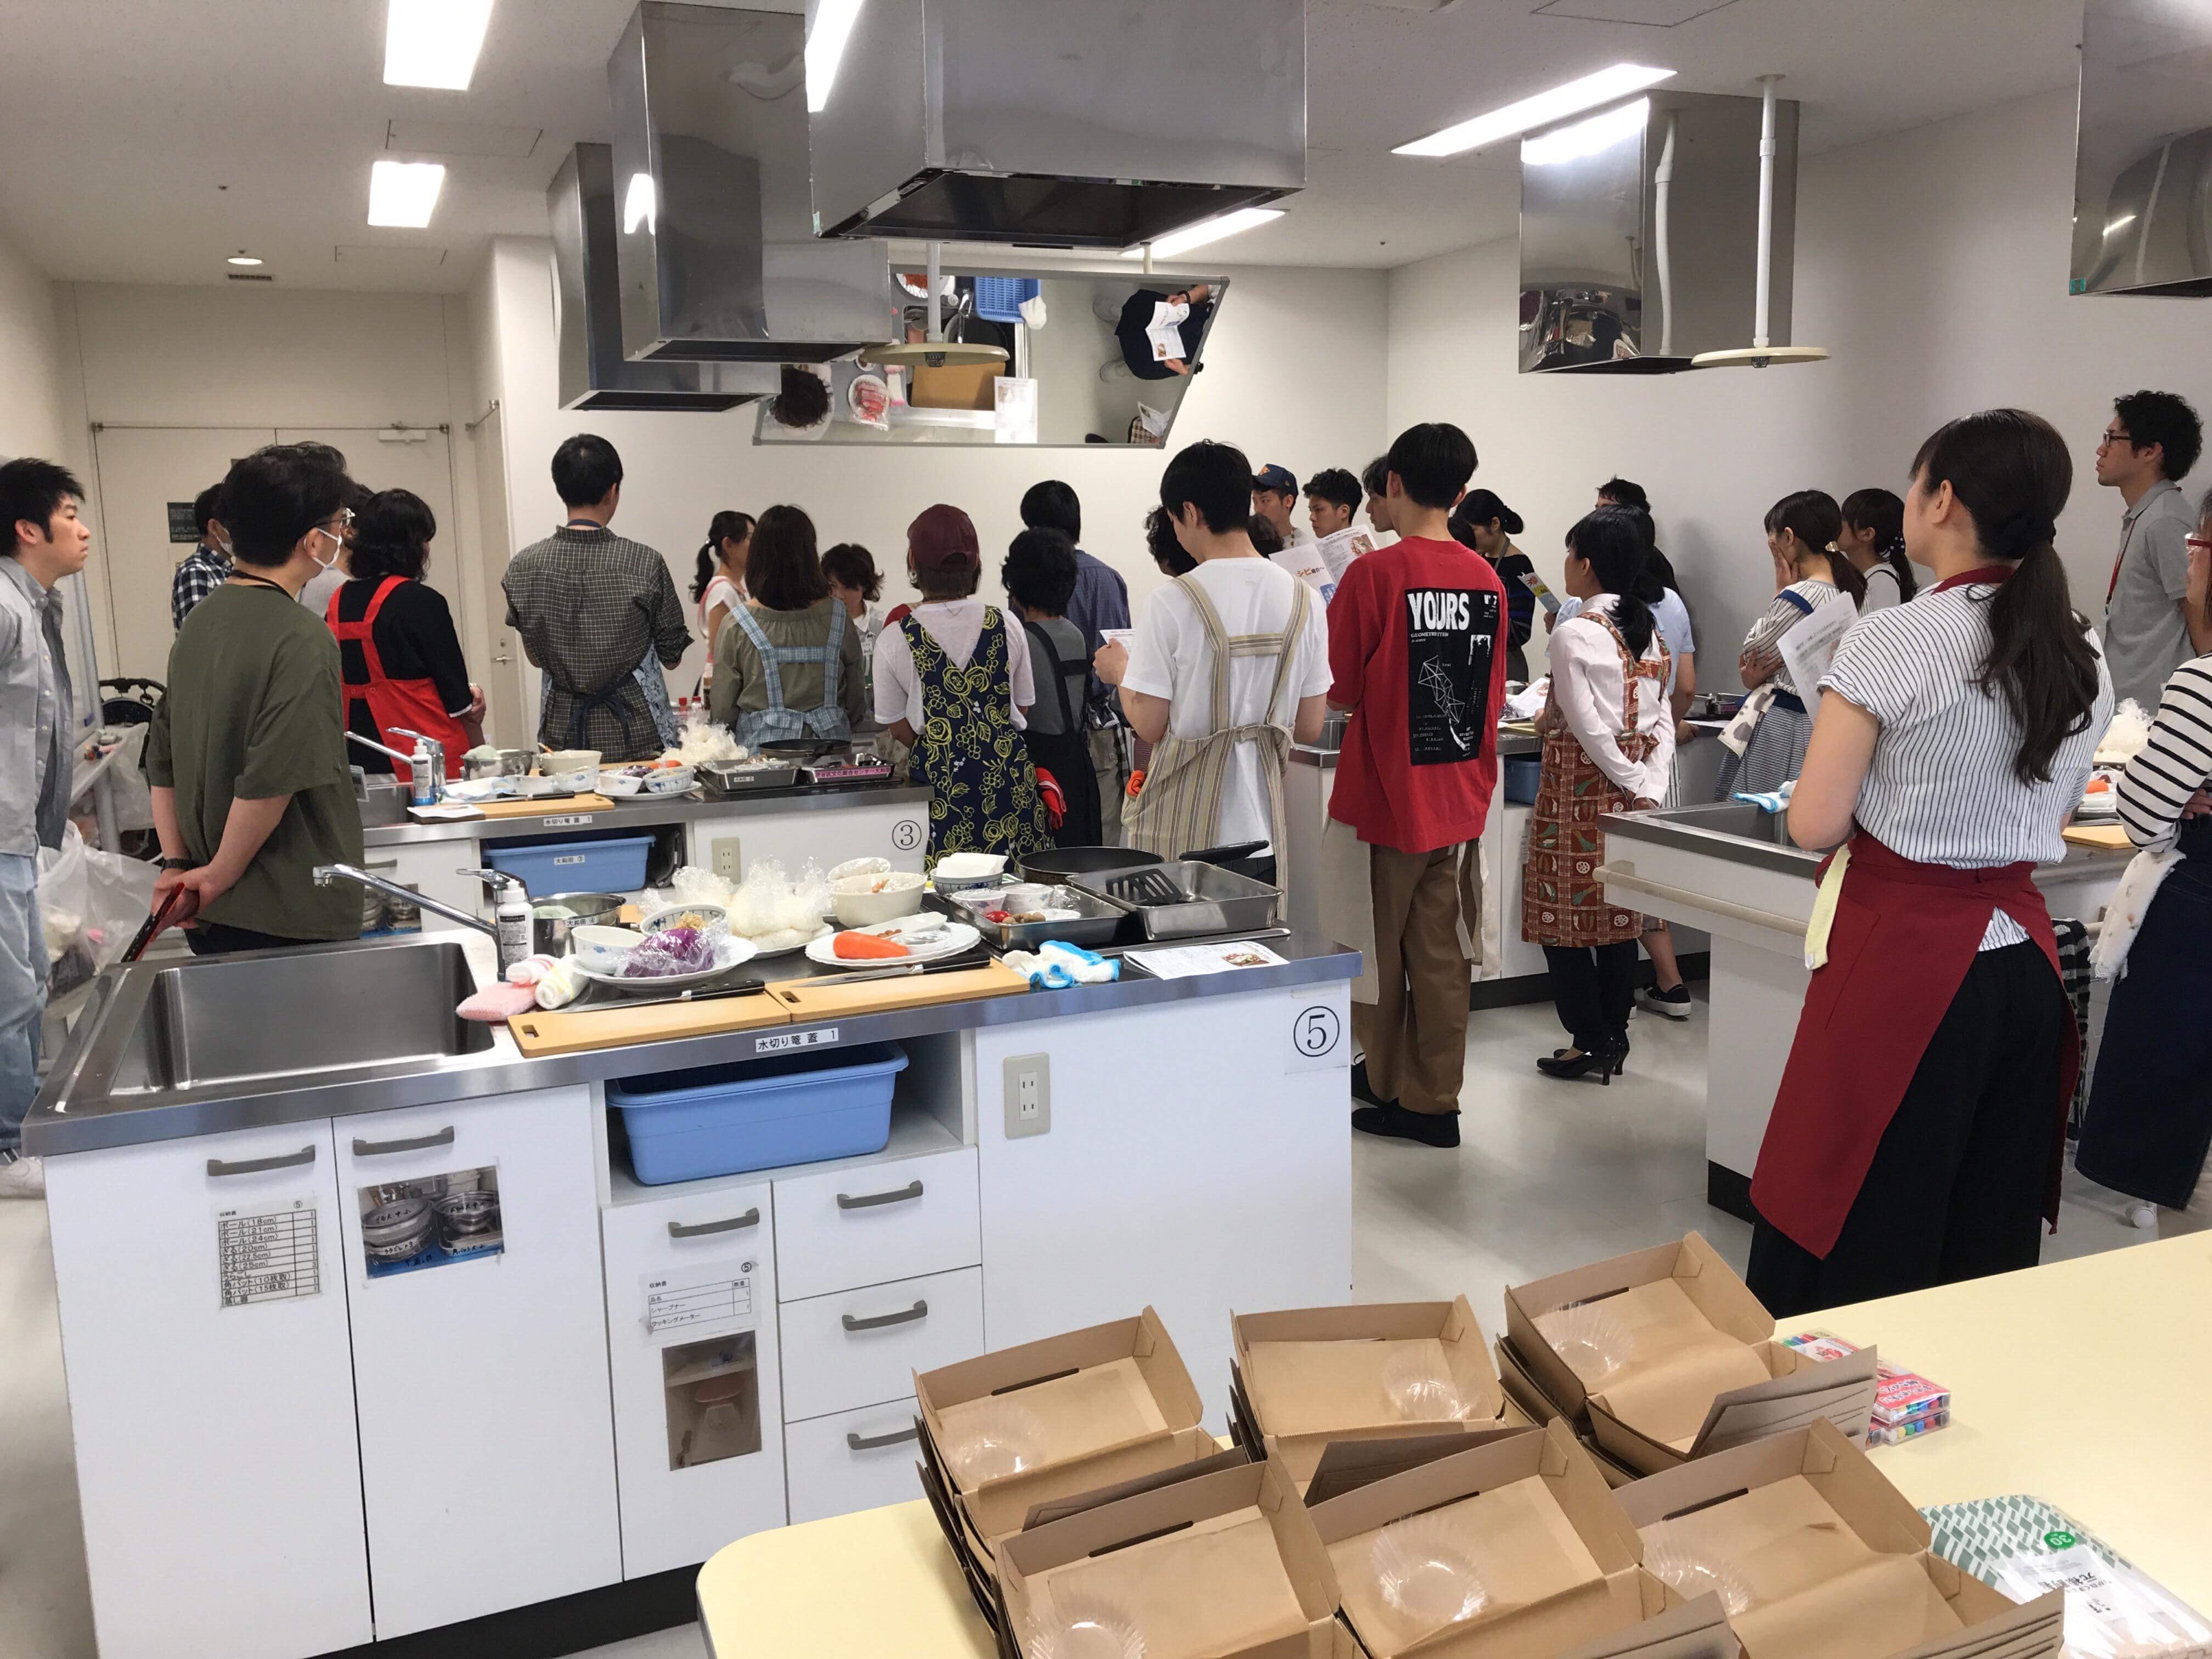 【料理教室講師】健康増進事業;働く社員様向け料理教室:つくりおき&お弁当編